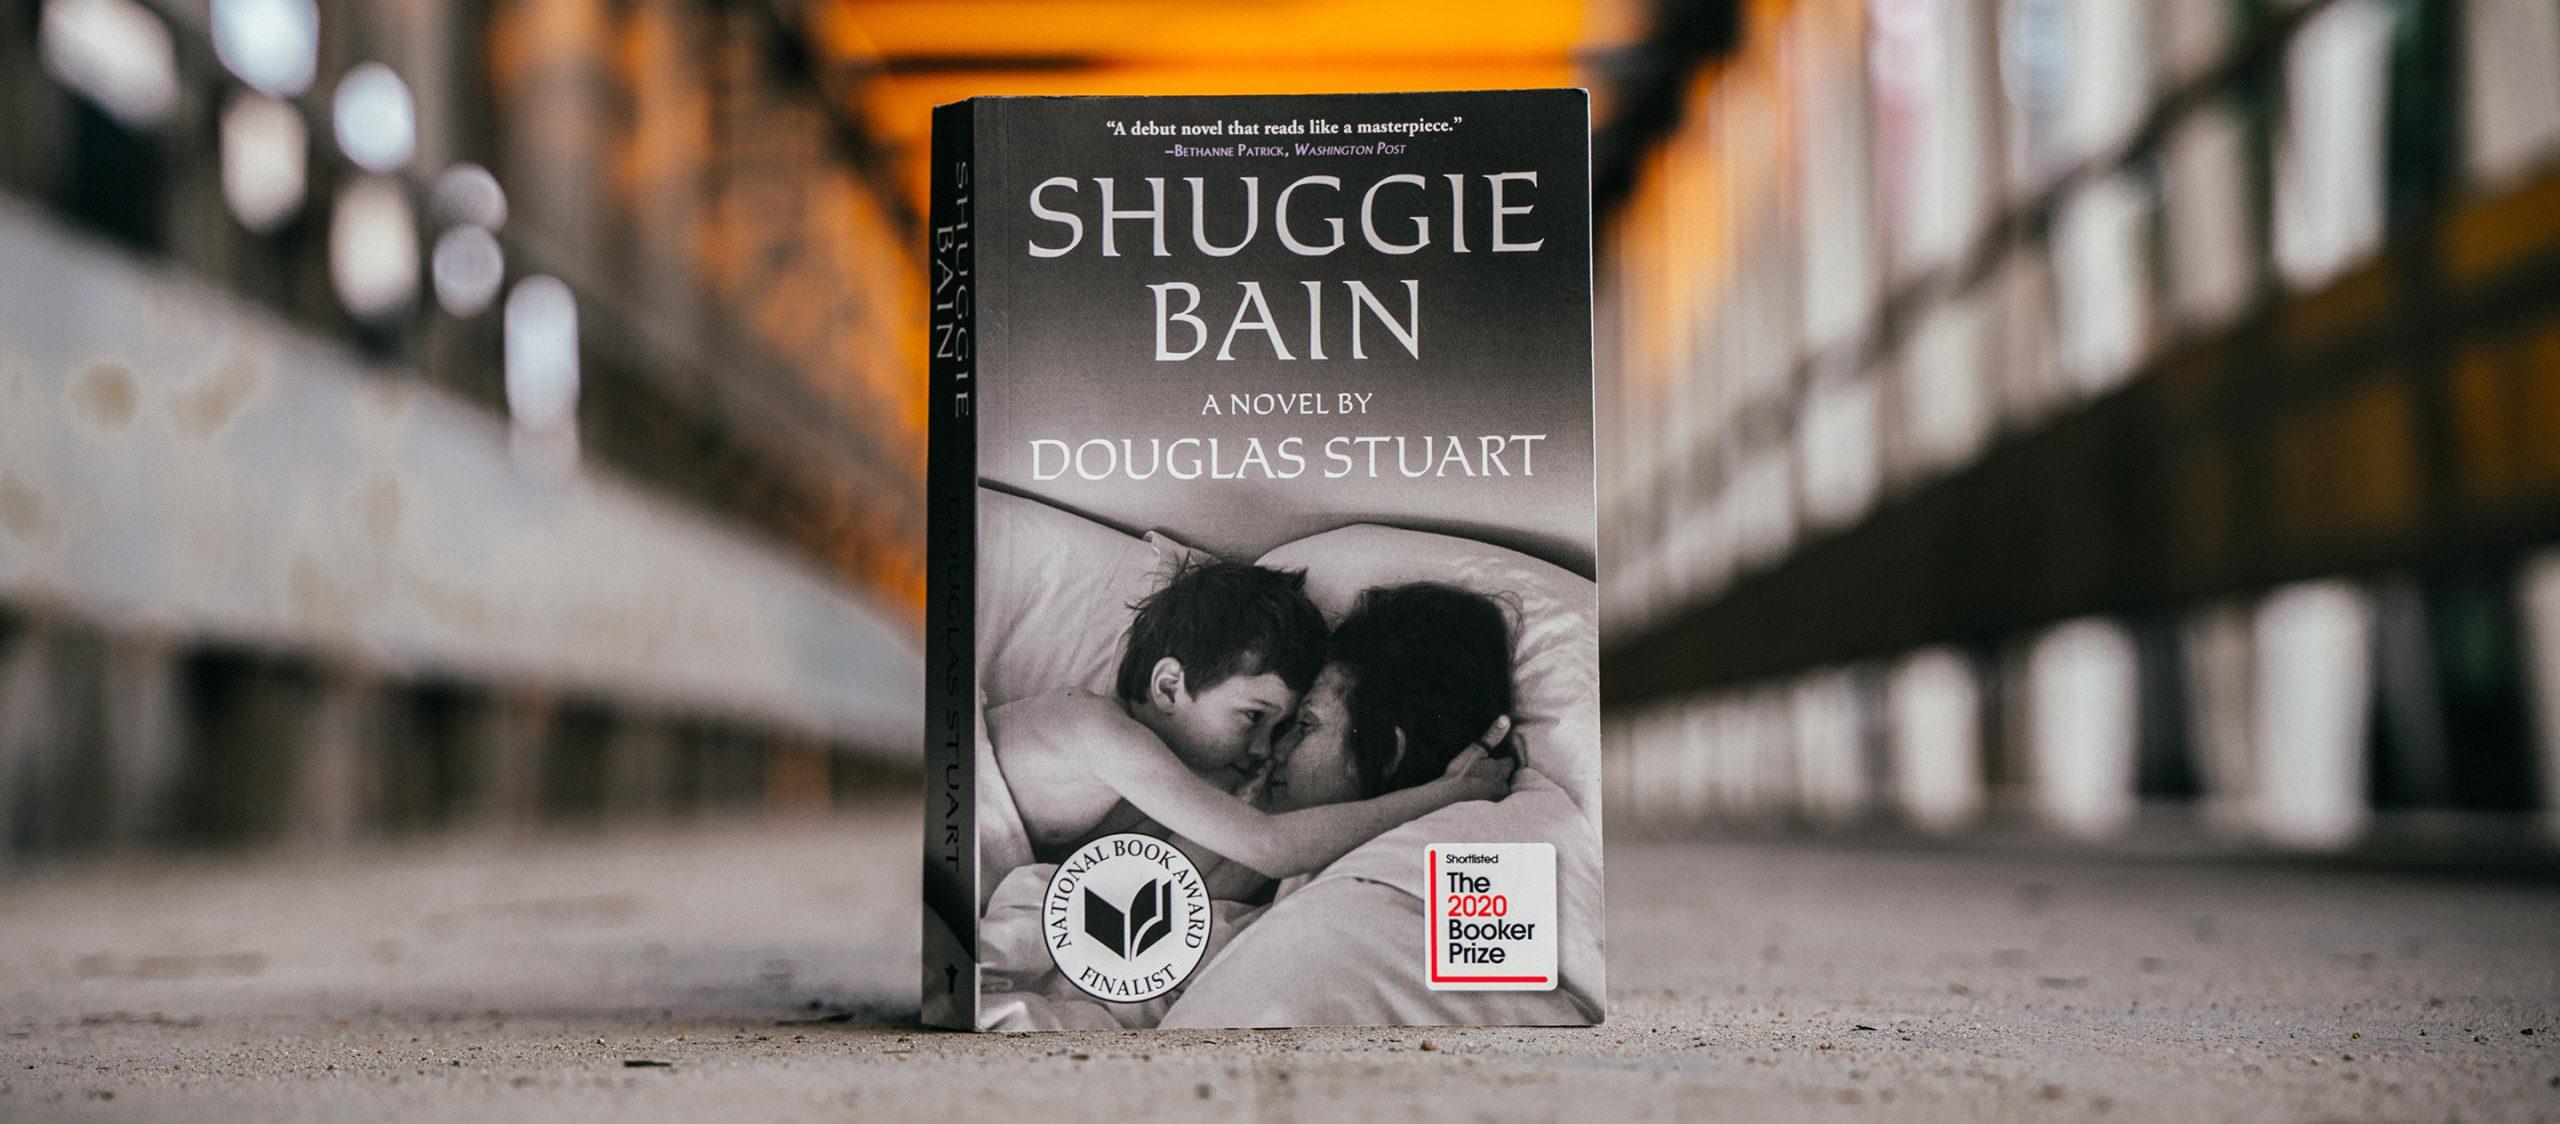 จดหมายรักถึงแม่ผู้จากไป Shuggie Bain นวนิยายรางวัล The Booker Prize ปีล่าสุด